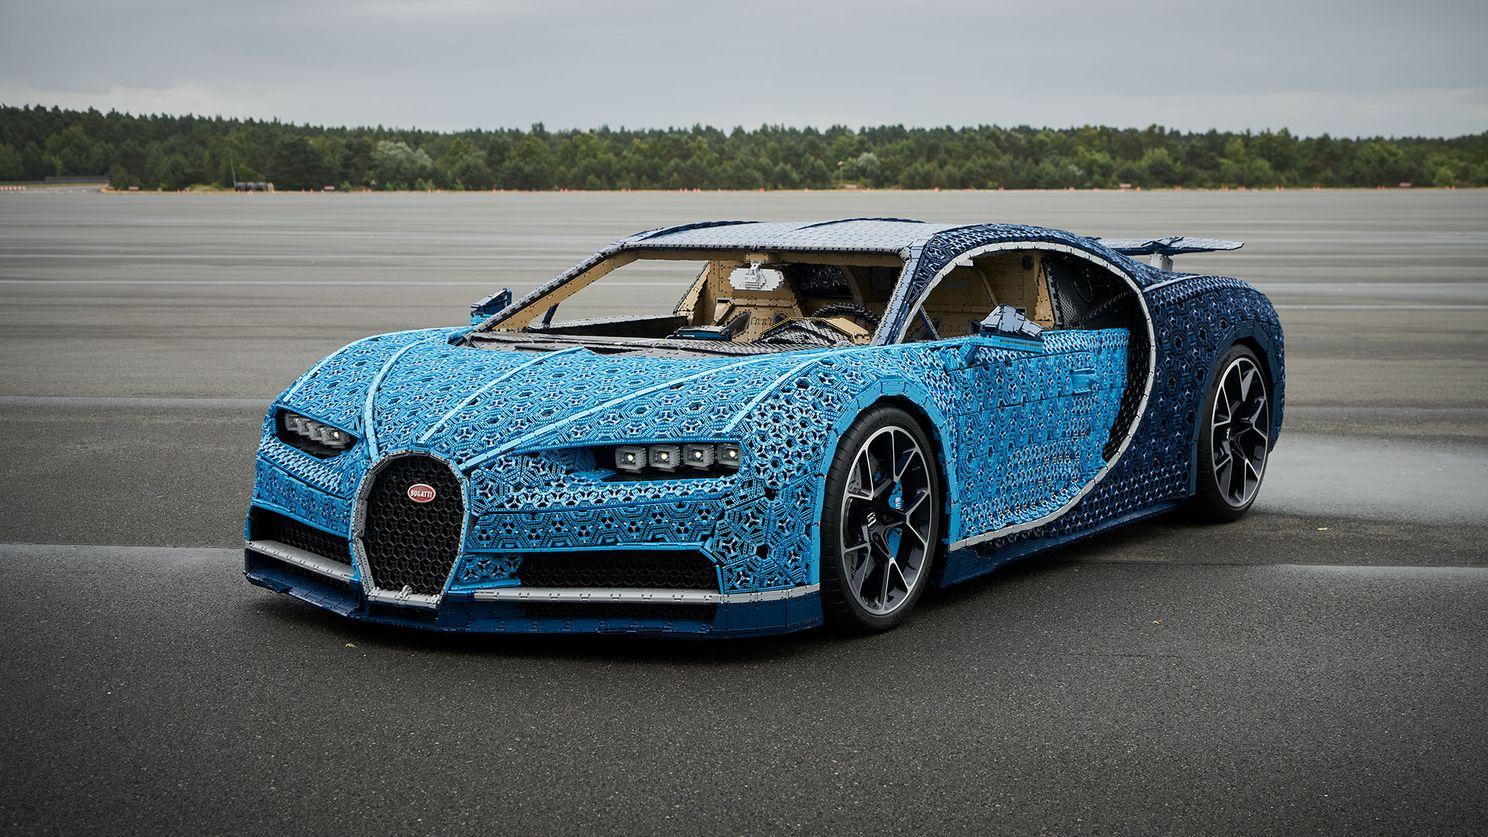 В Россию привезут полноразмерный Bugatti Chiron из Lego